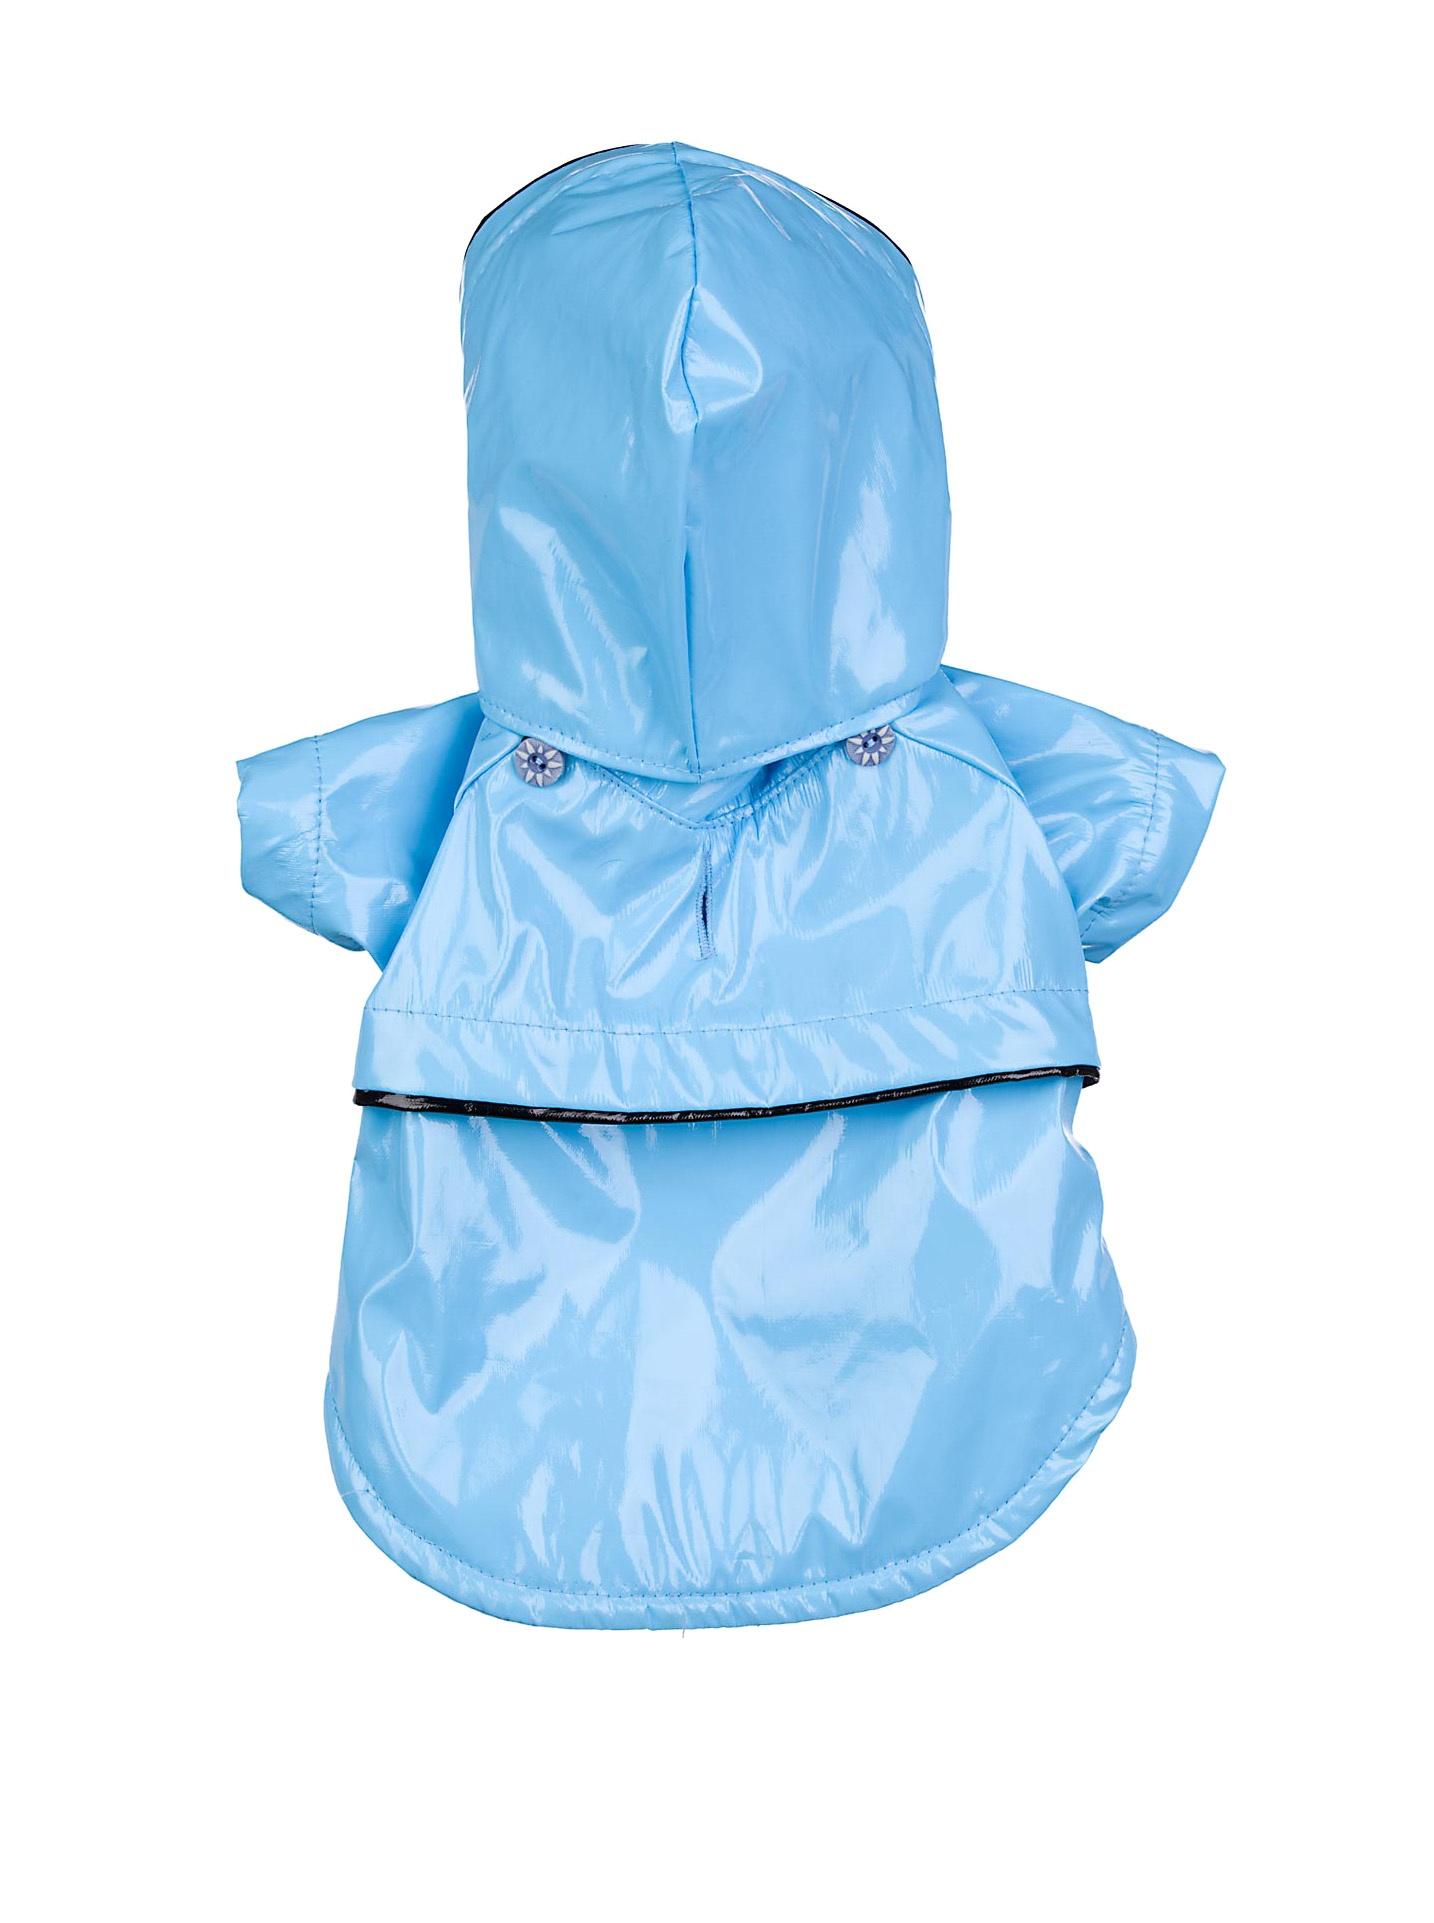 Pet Life Two-Tone PVC Raincoat